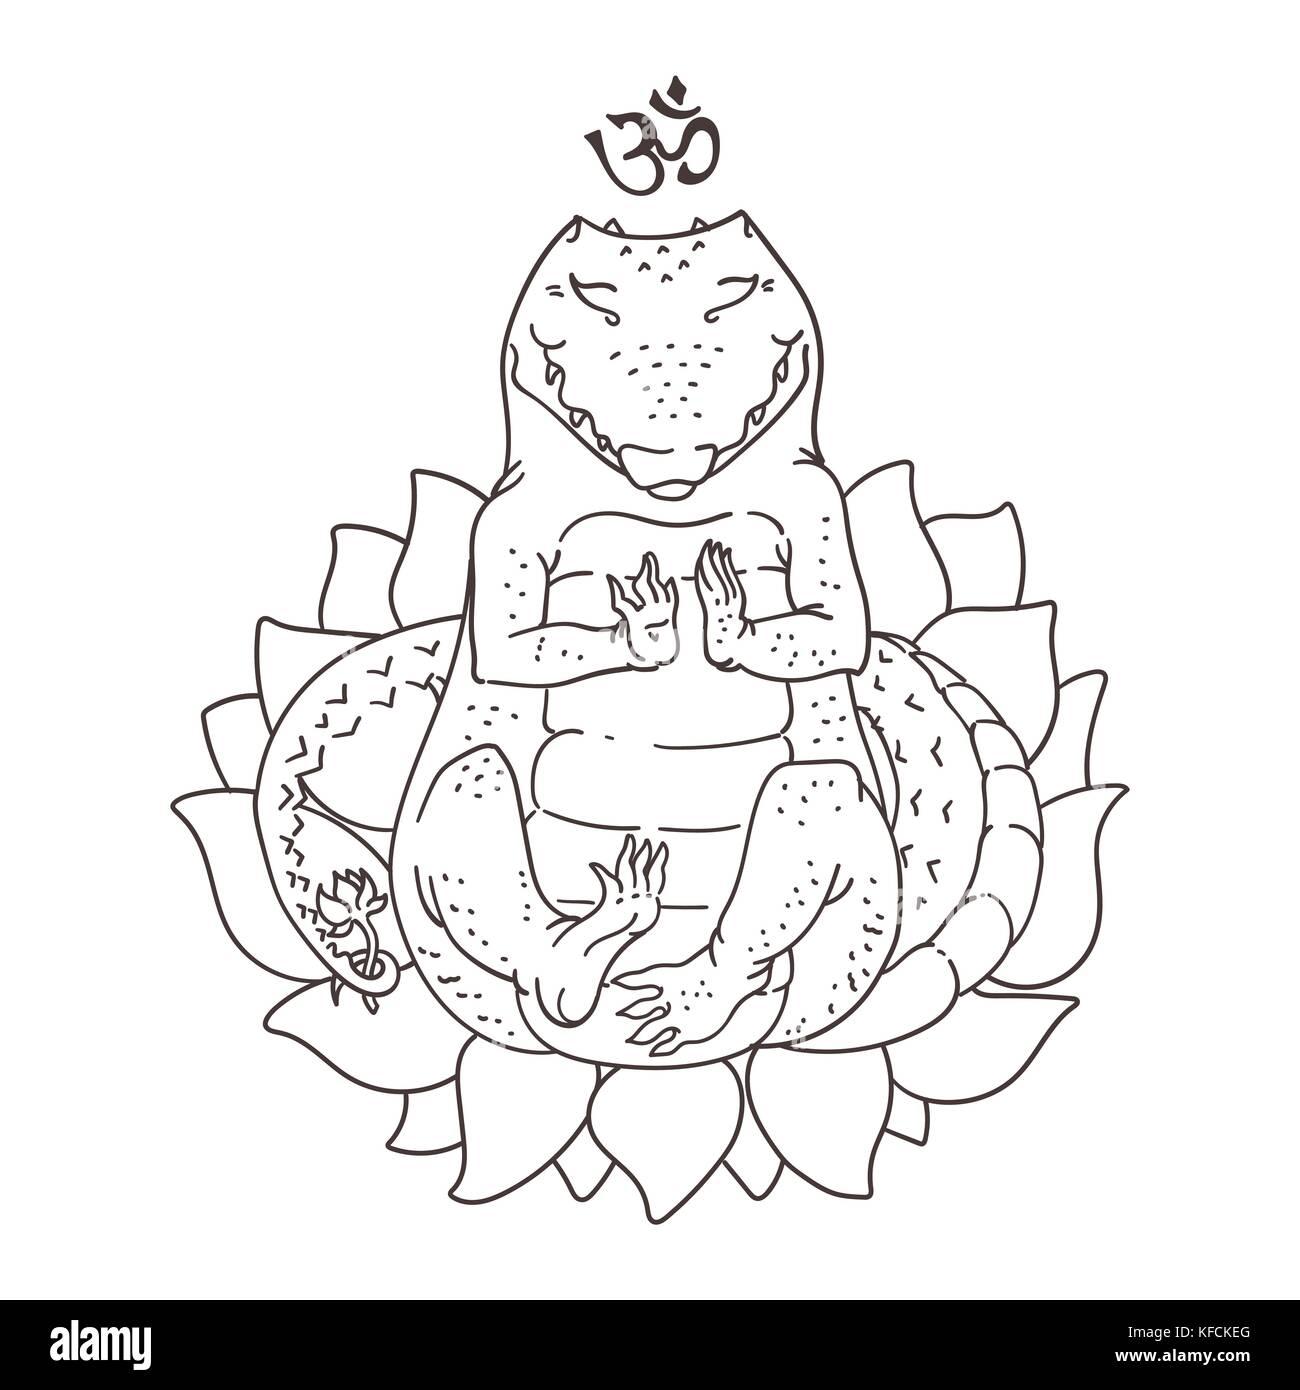 ilustração vetorial de jacaré bonito sentado em pose de yoga